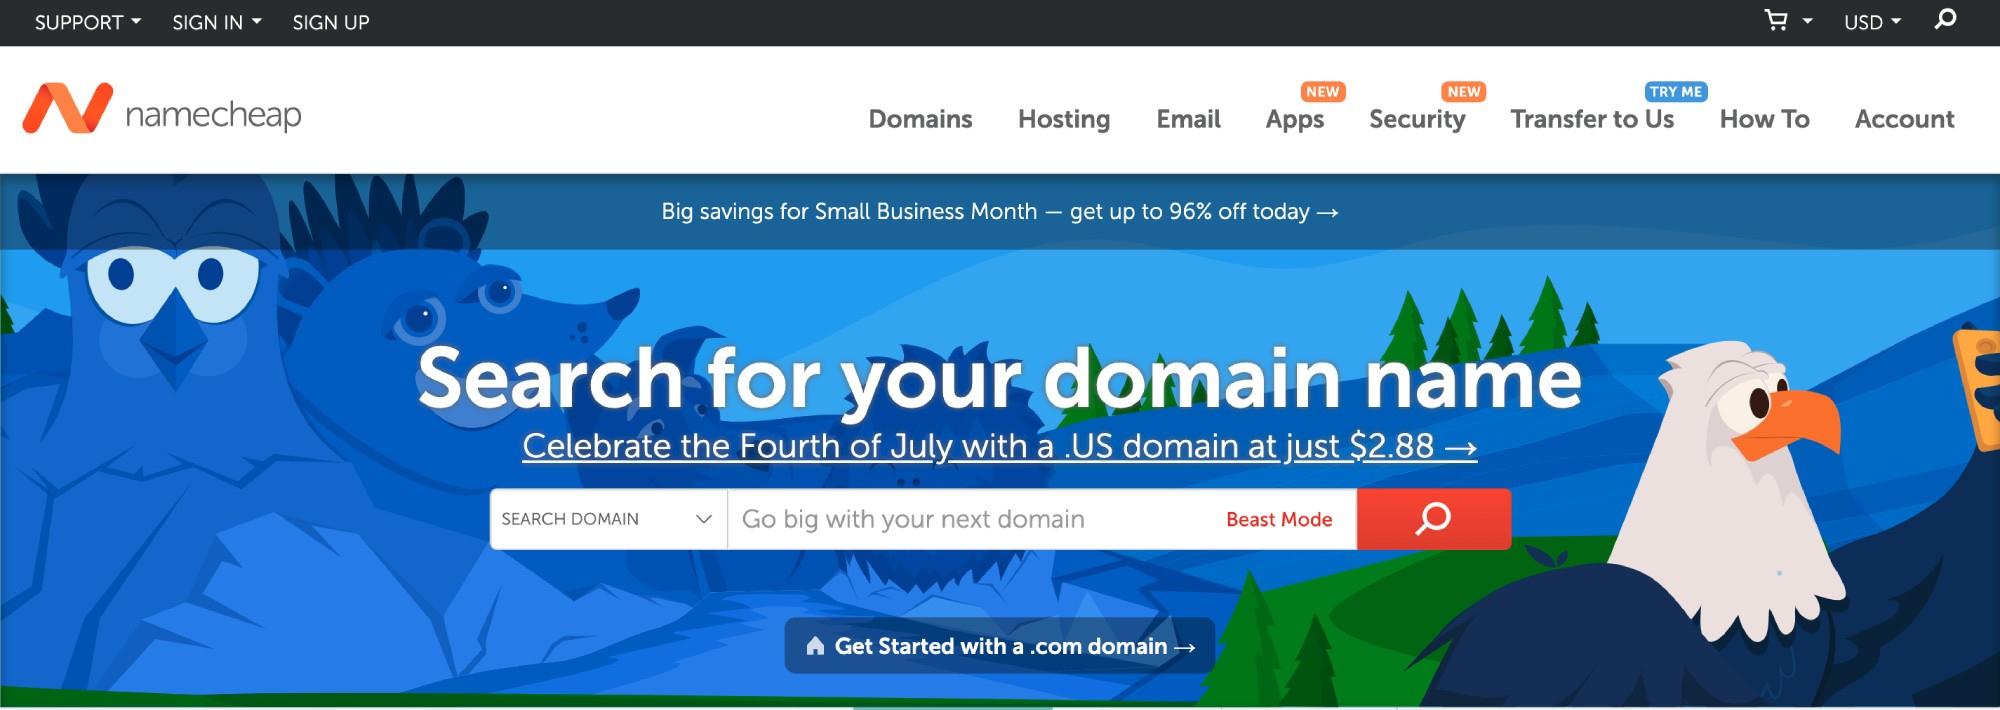 The Namecheap website.